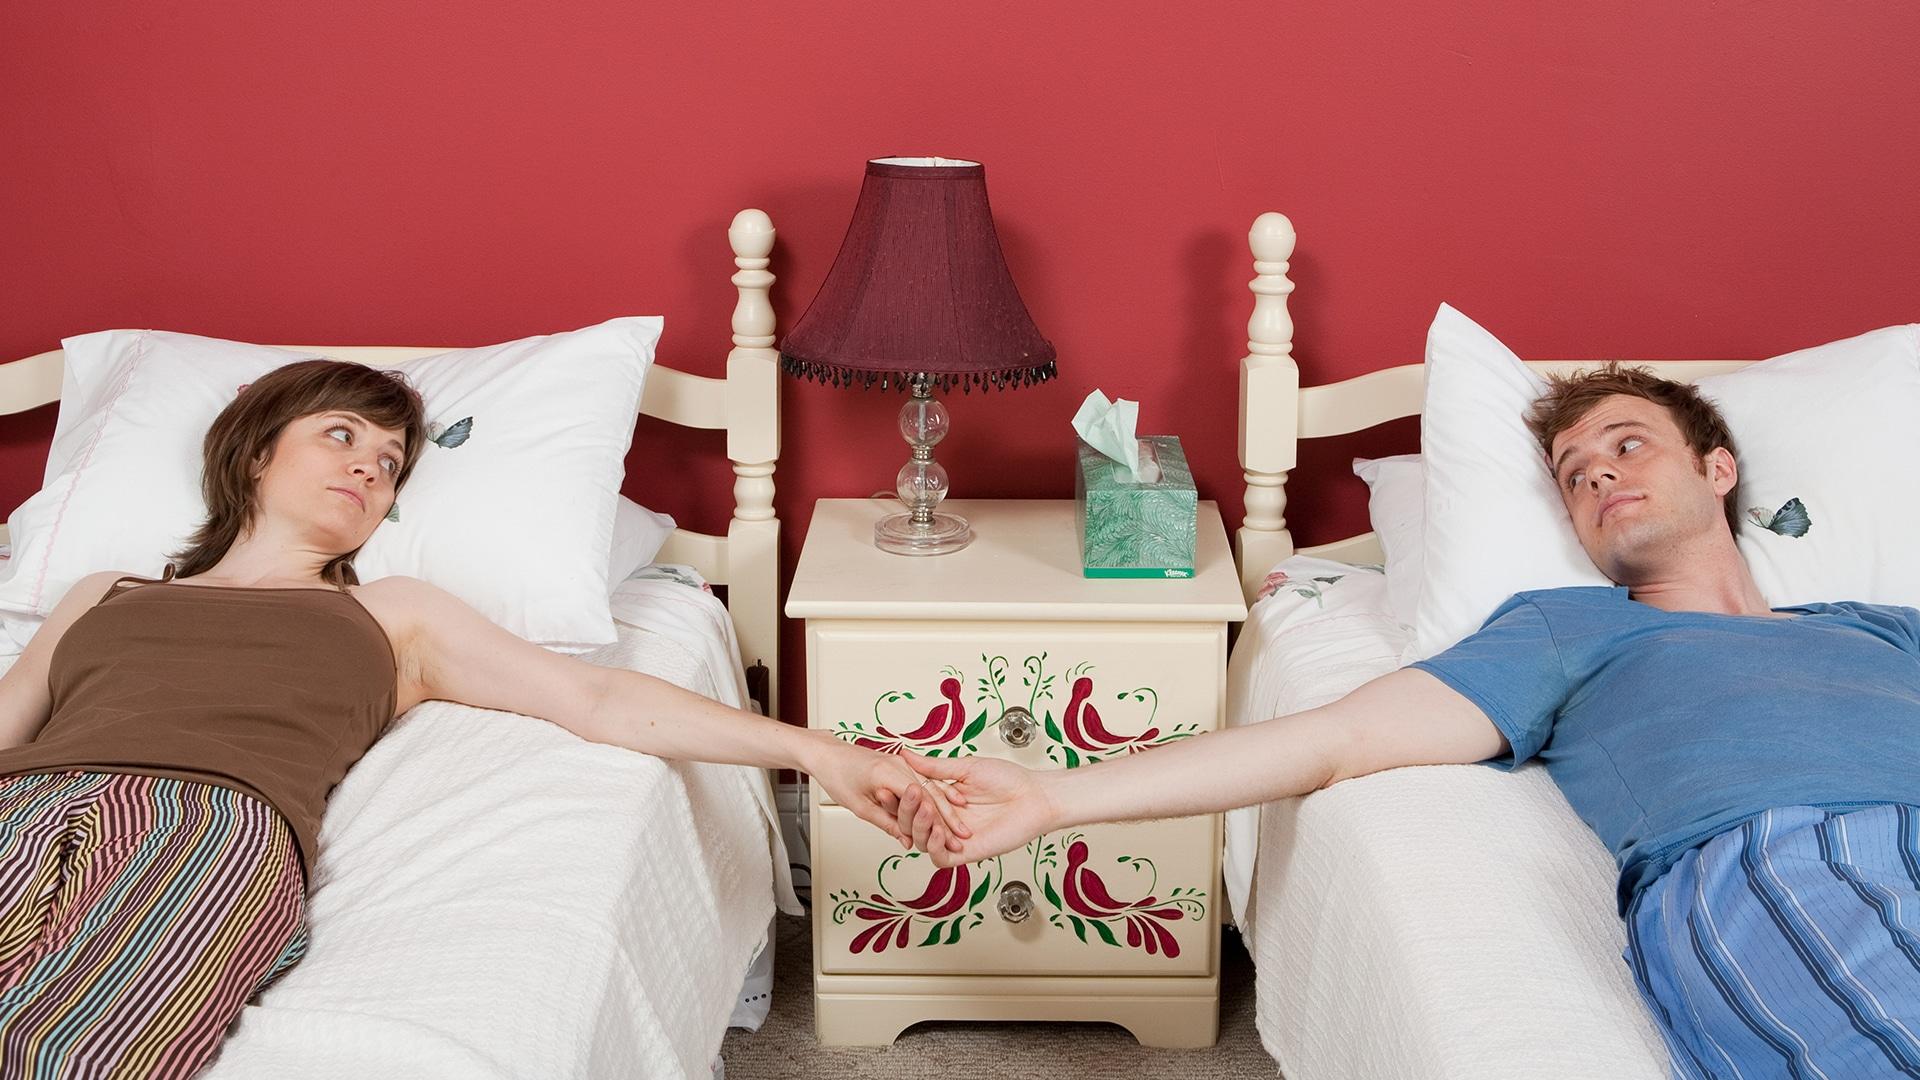 25% delle coppie dorme in letti separati. <br> Un'abitudine che allunga la vita e pure il matrimonio. <br> Ecco il parere del medico